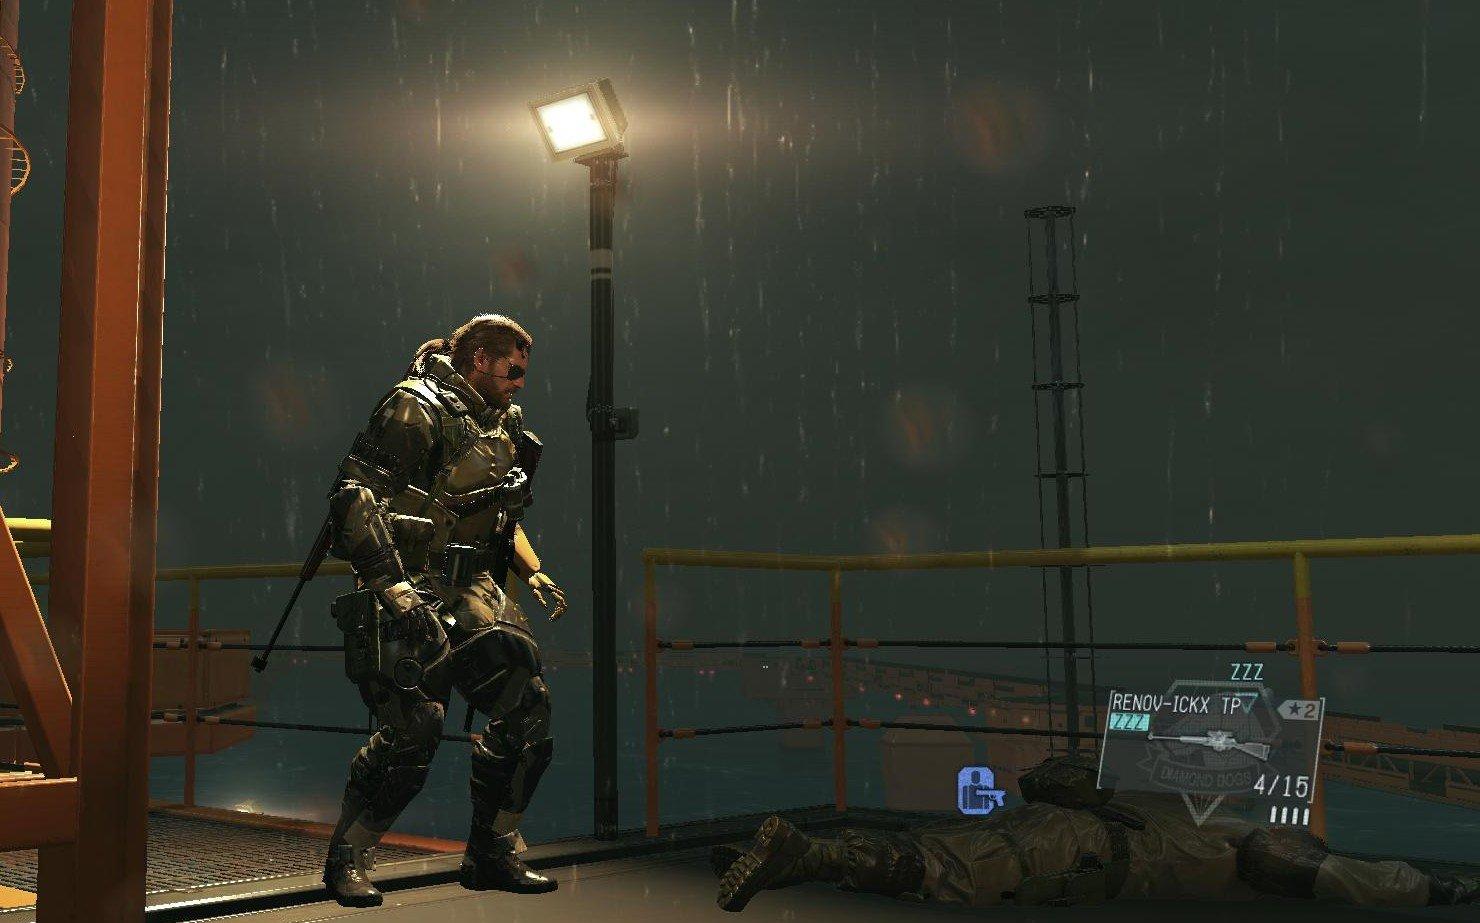 И снова о Metal Gear Solid V, а еще о fps на разных картах. - Изображение 3